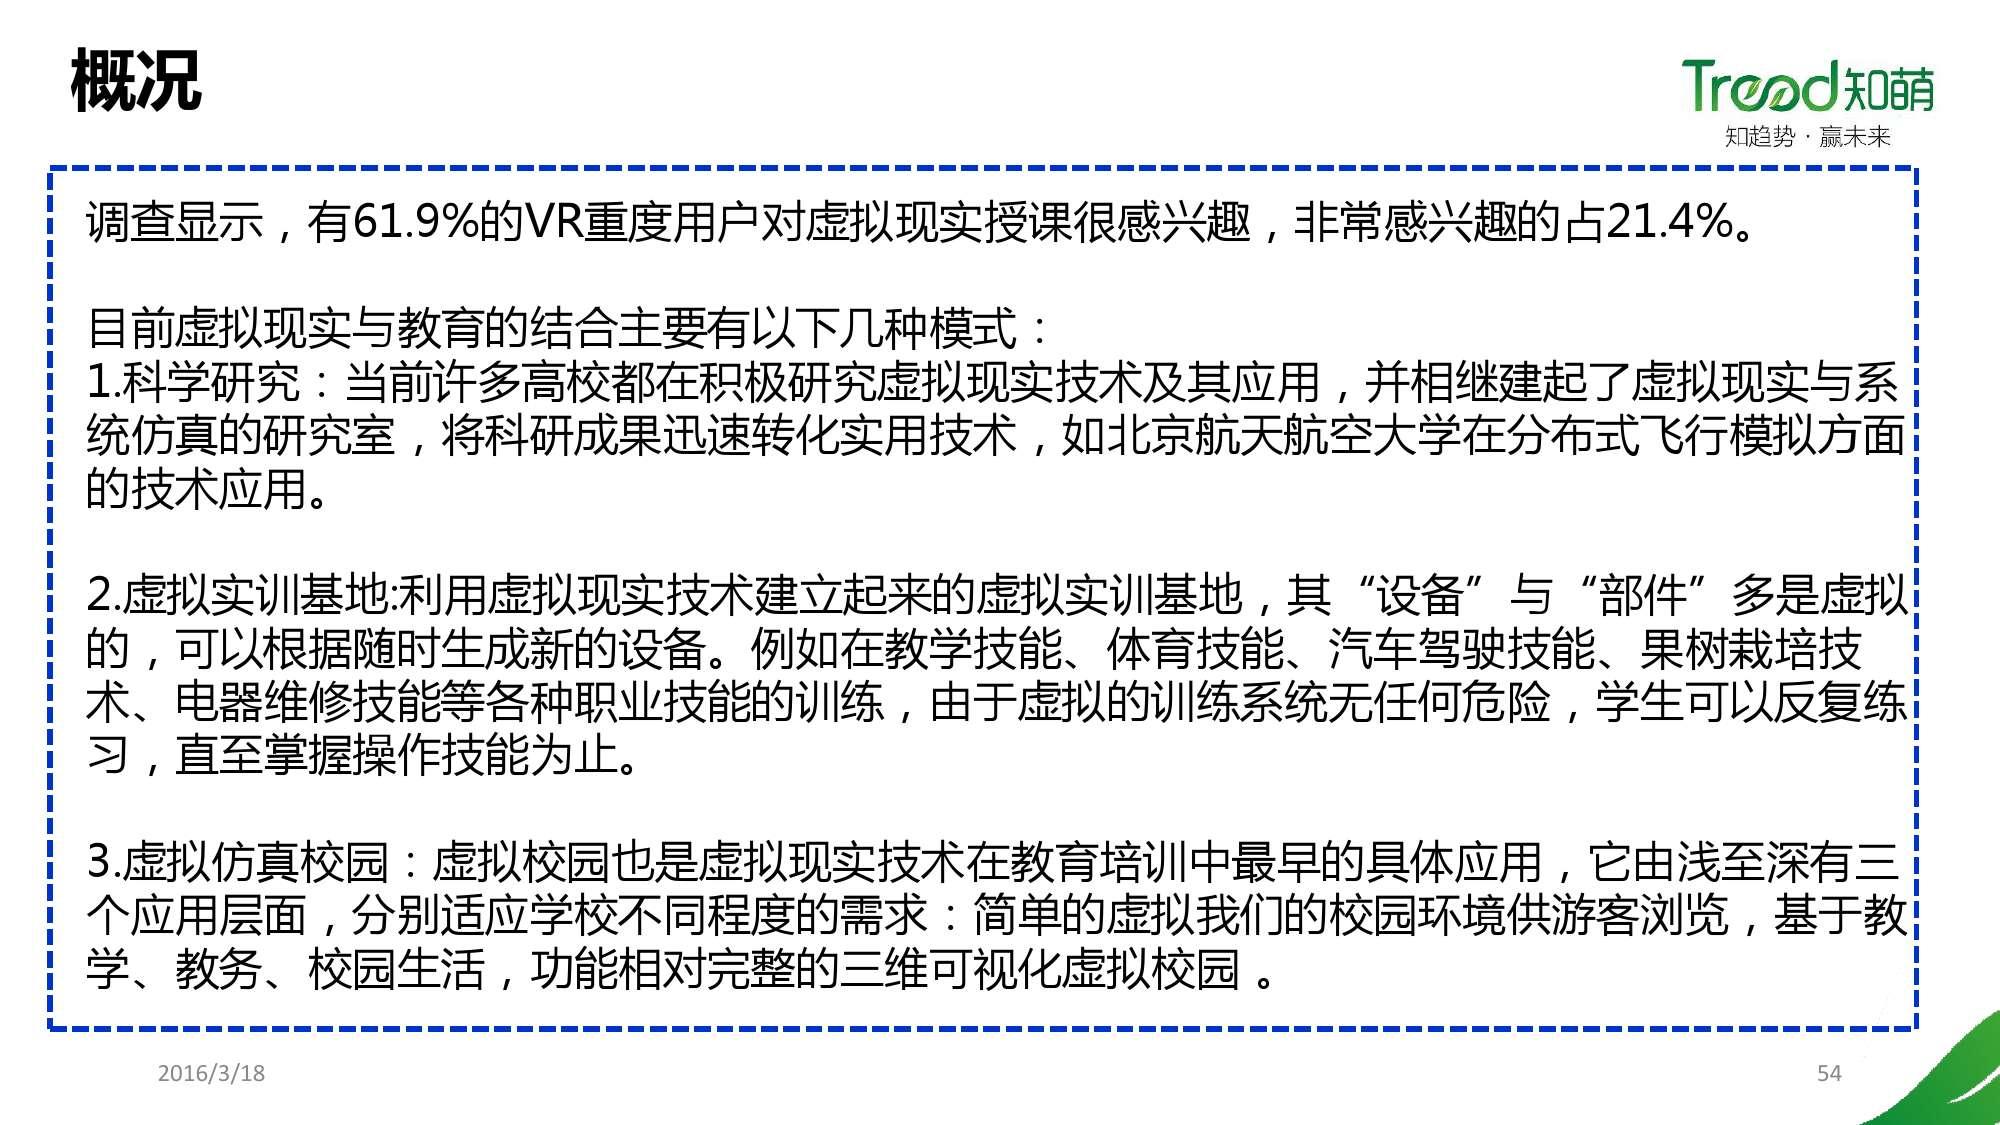 中国VR用户行为研究报告_000054